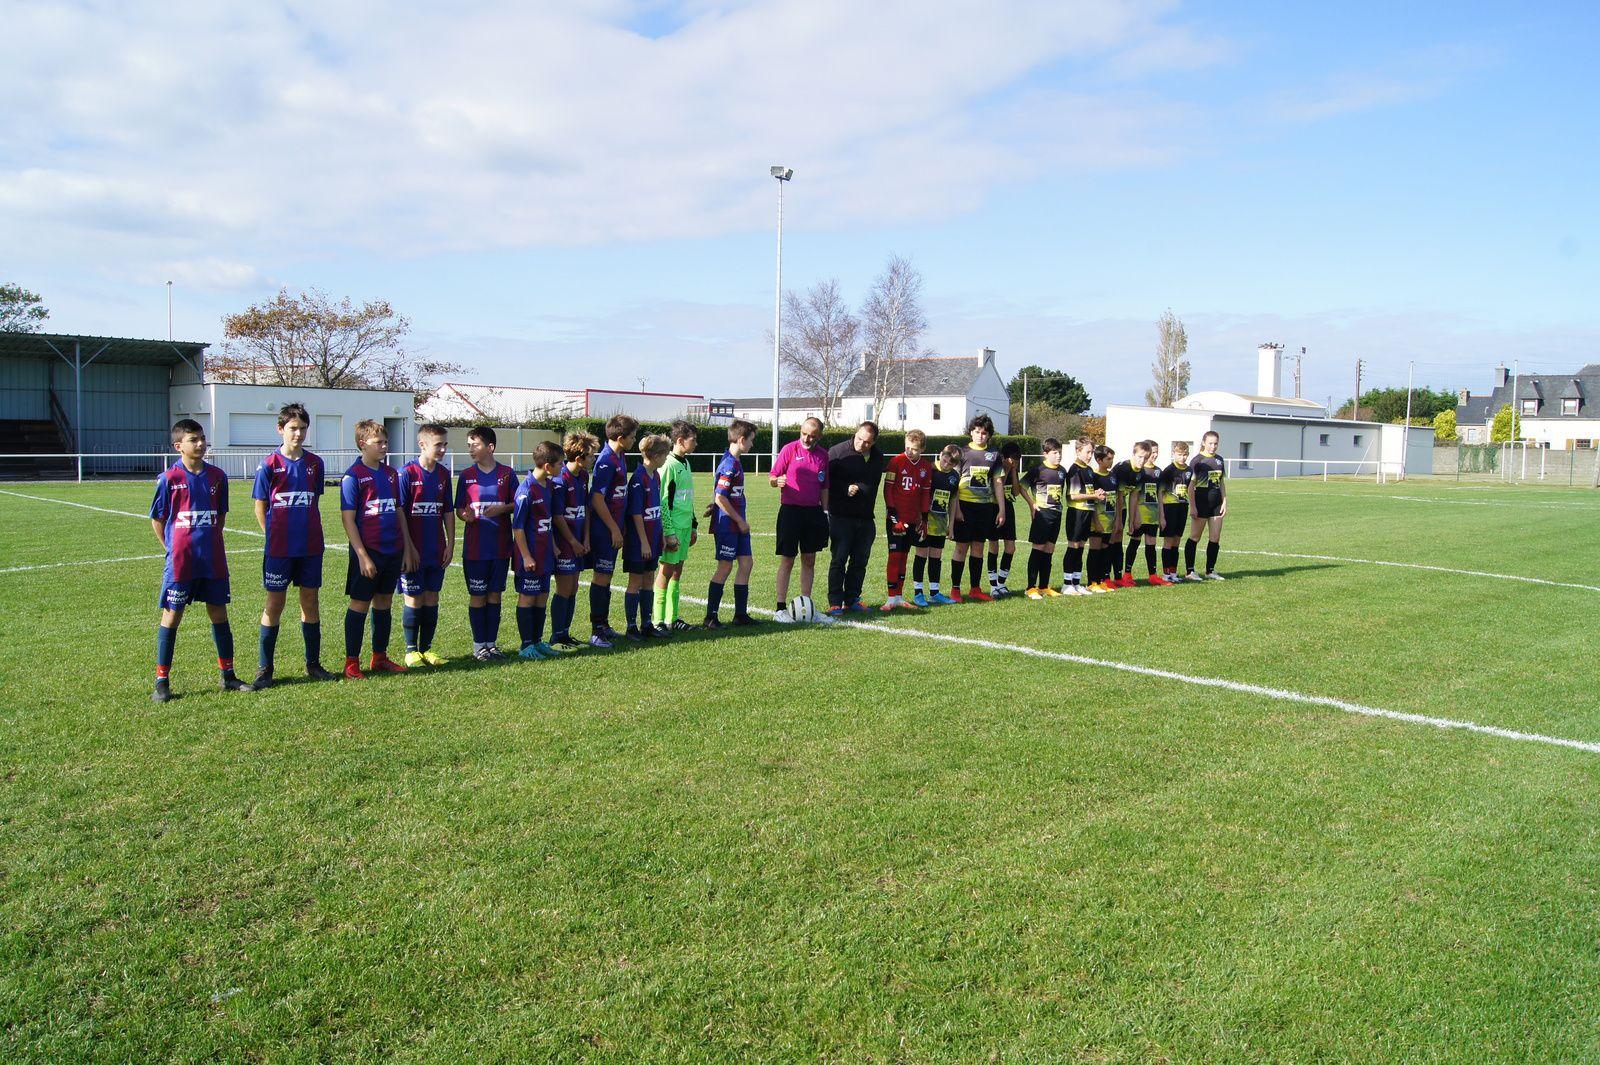 l'équipe U14 à droite